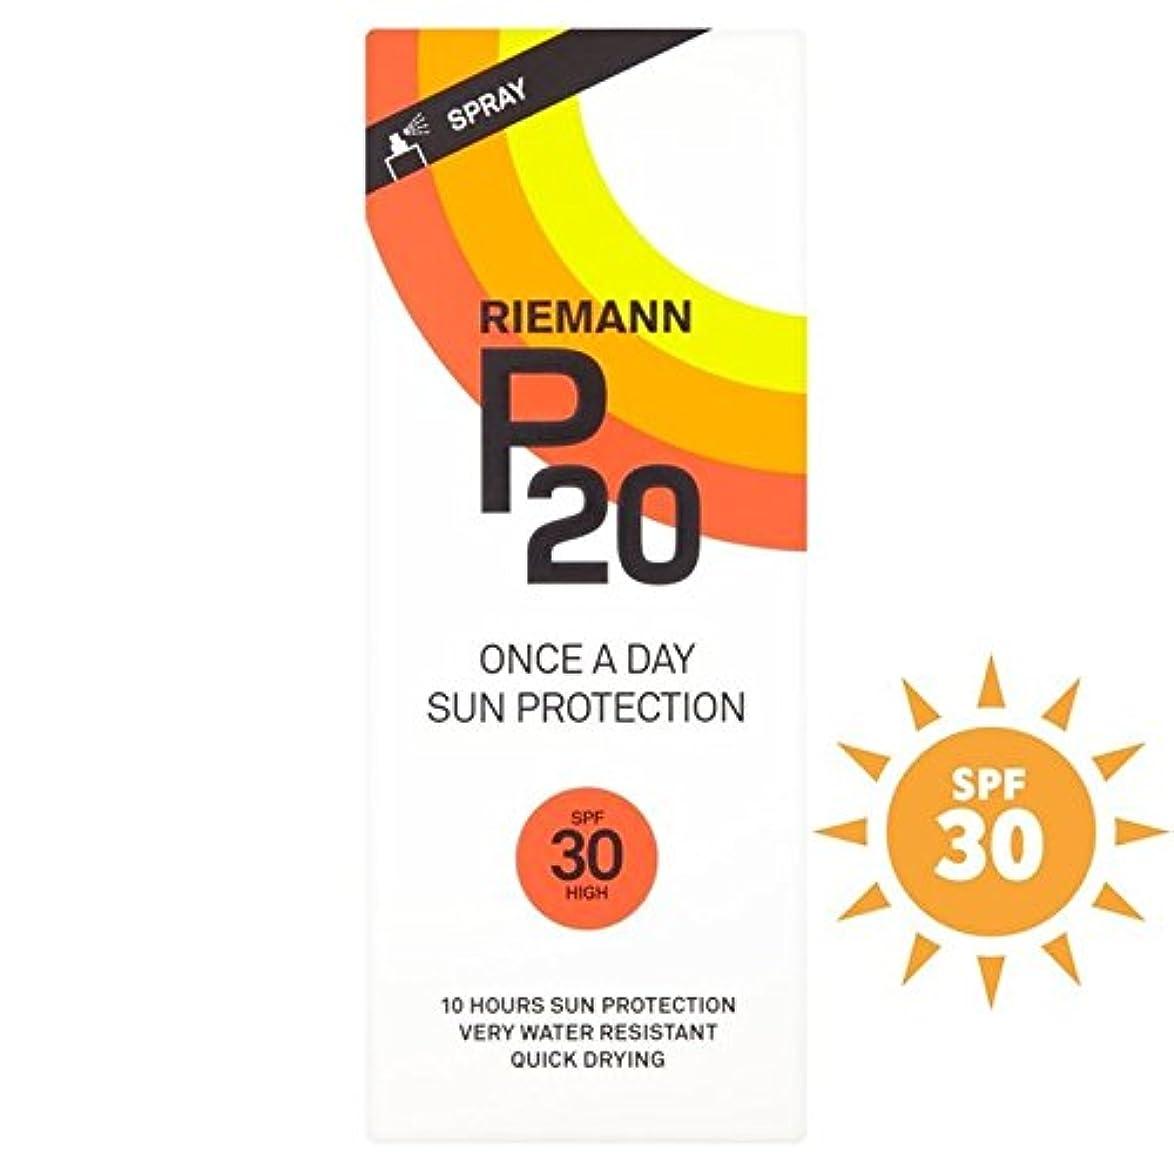 からに変化する繁雑抗生物質リーマン20 30 1日/ 10時間の保護200ミリリットル x2 - Riemann P20 SPF30 1 Day/10 Hour Protection 200ml (Pack of 2) [並行輸入品]